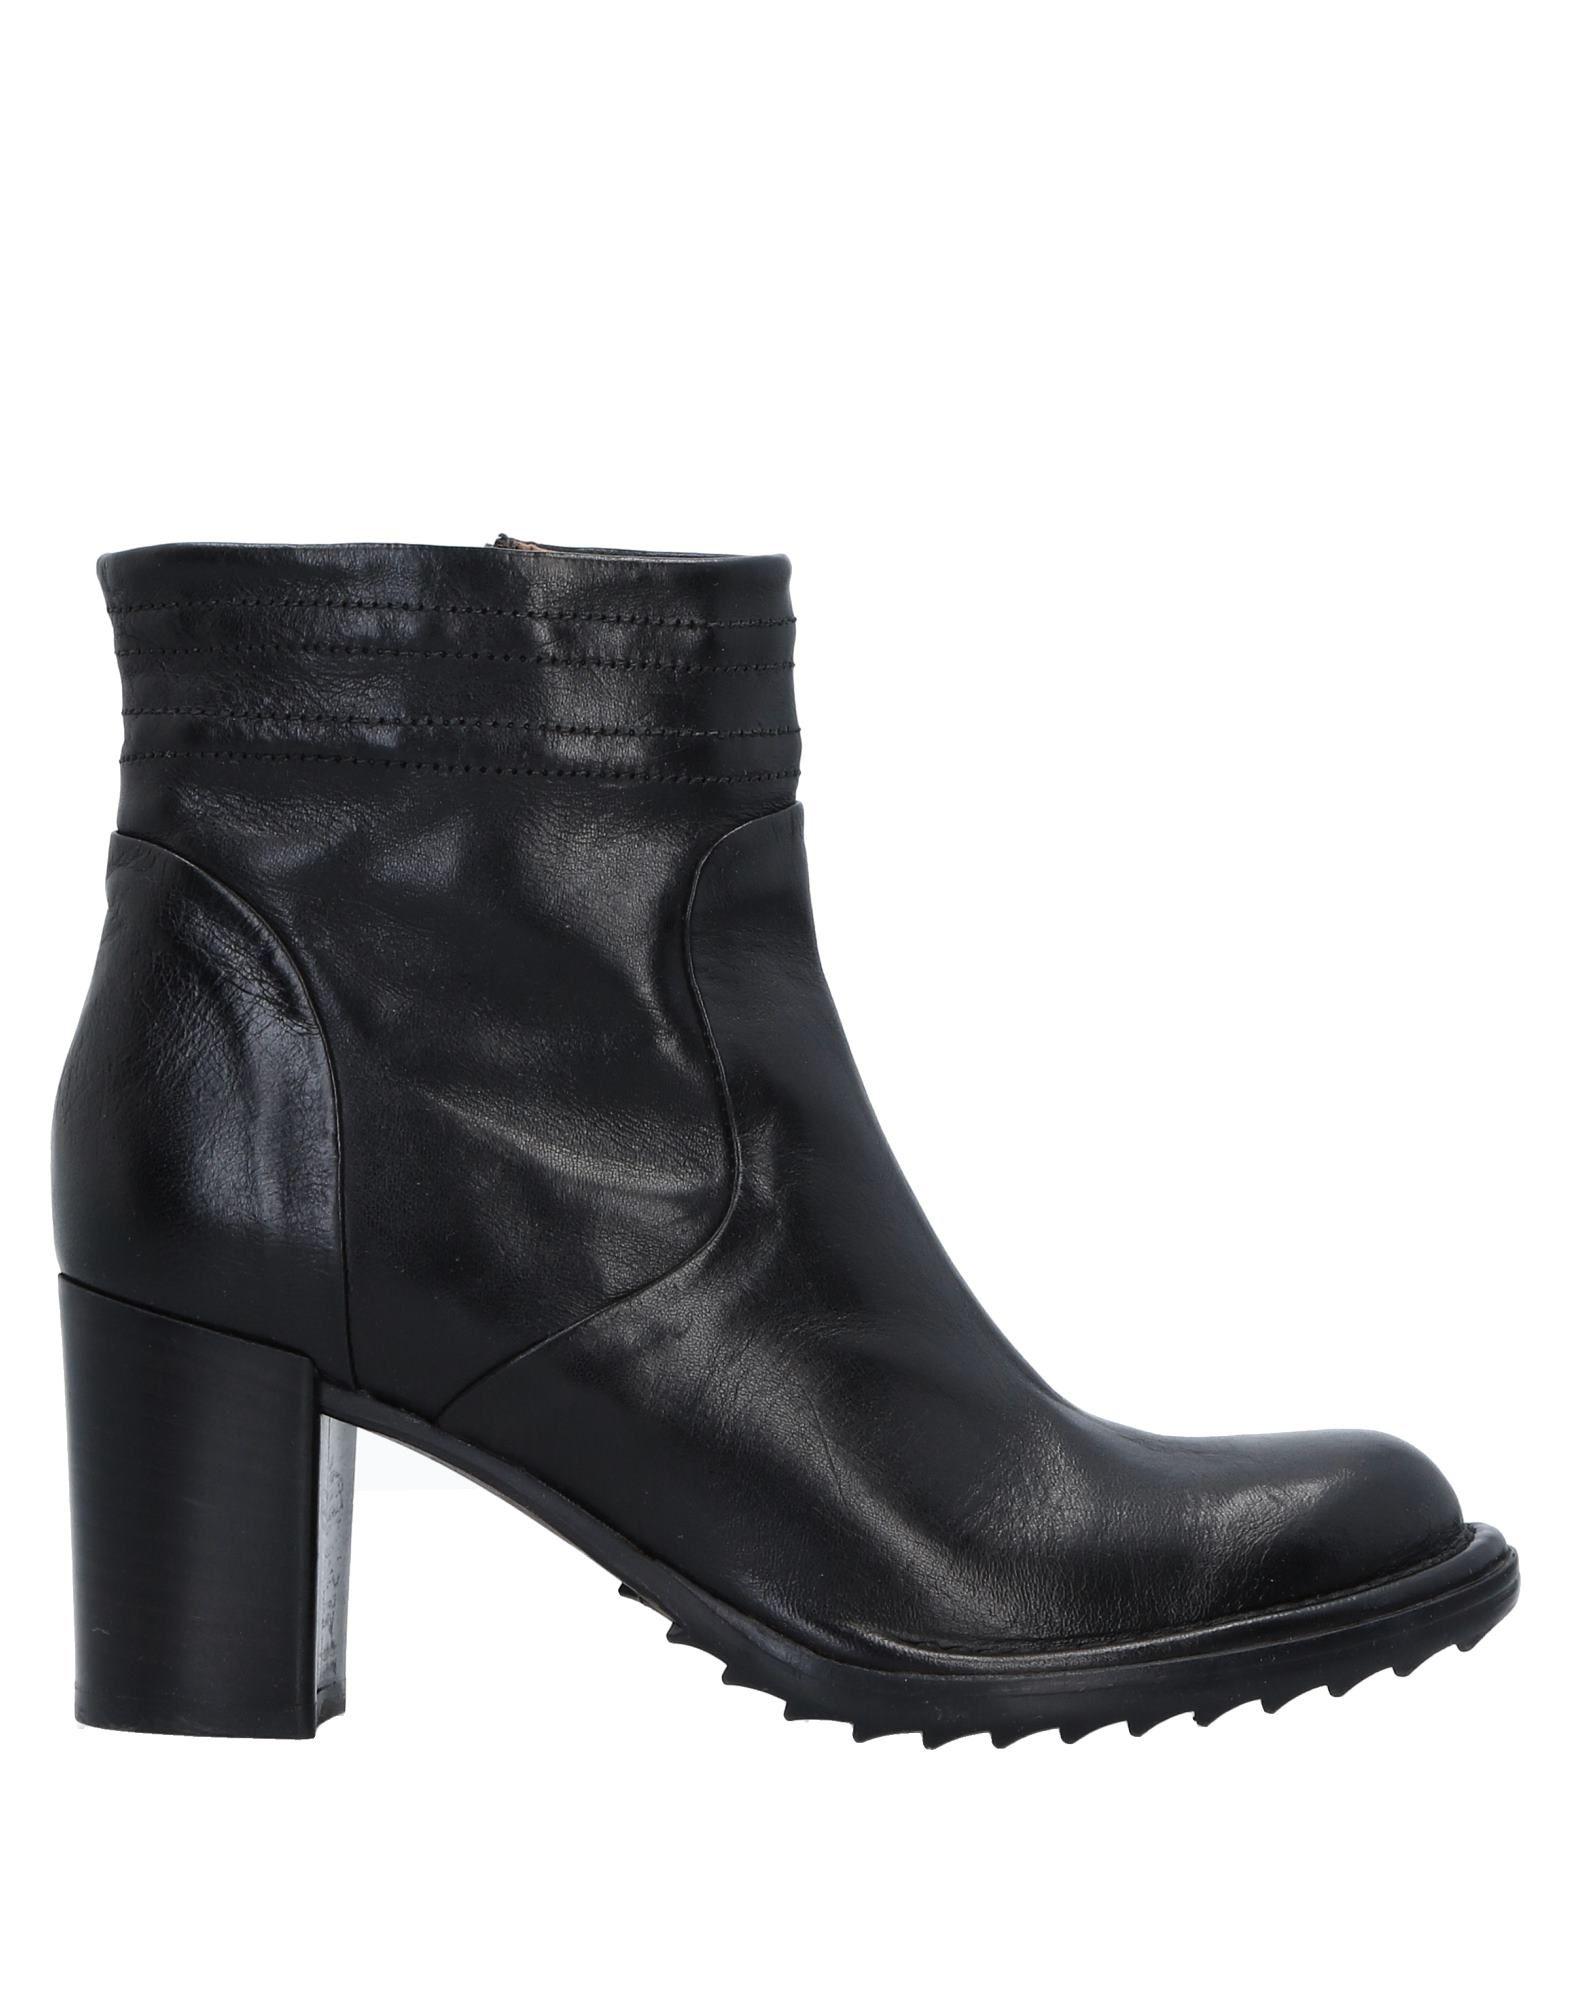 Alberto Fermani Stiefelette 11535447IK Damen  11535447IK Stiefelette Neue Schuhe 5e485d